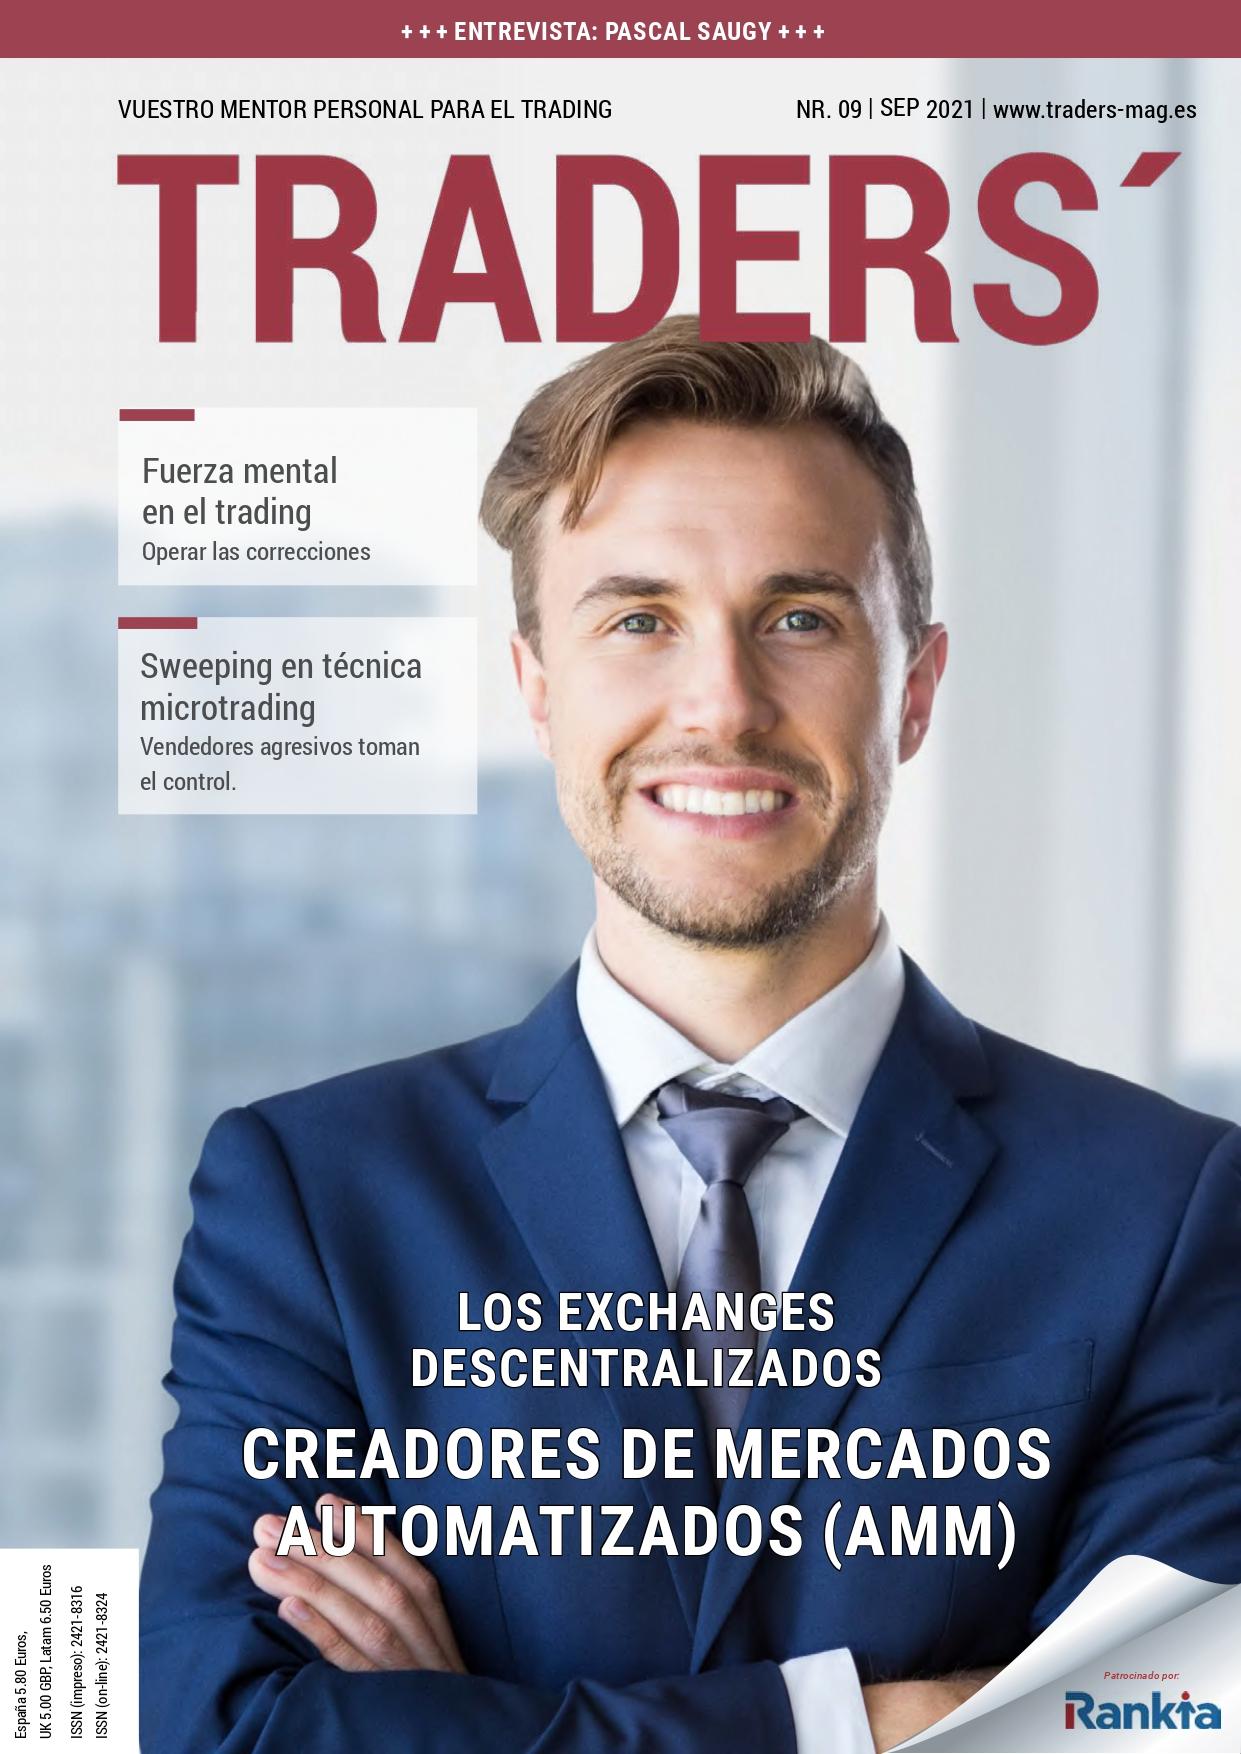 Edición 09 Traders